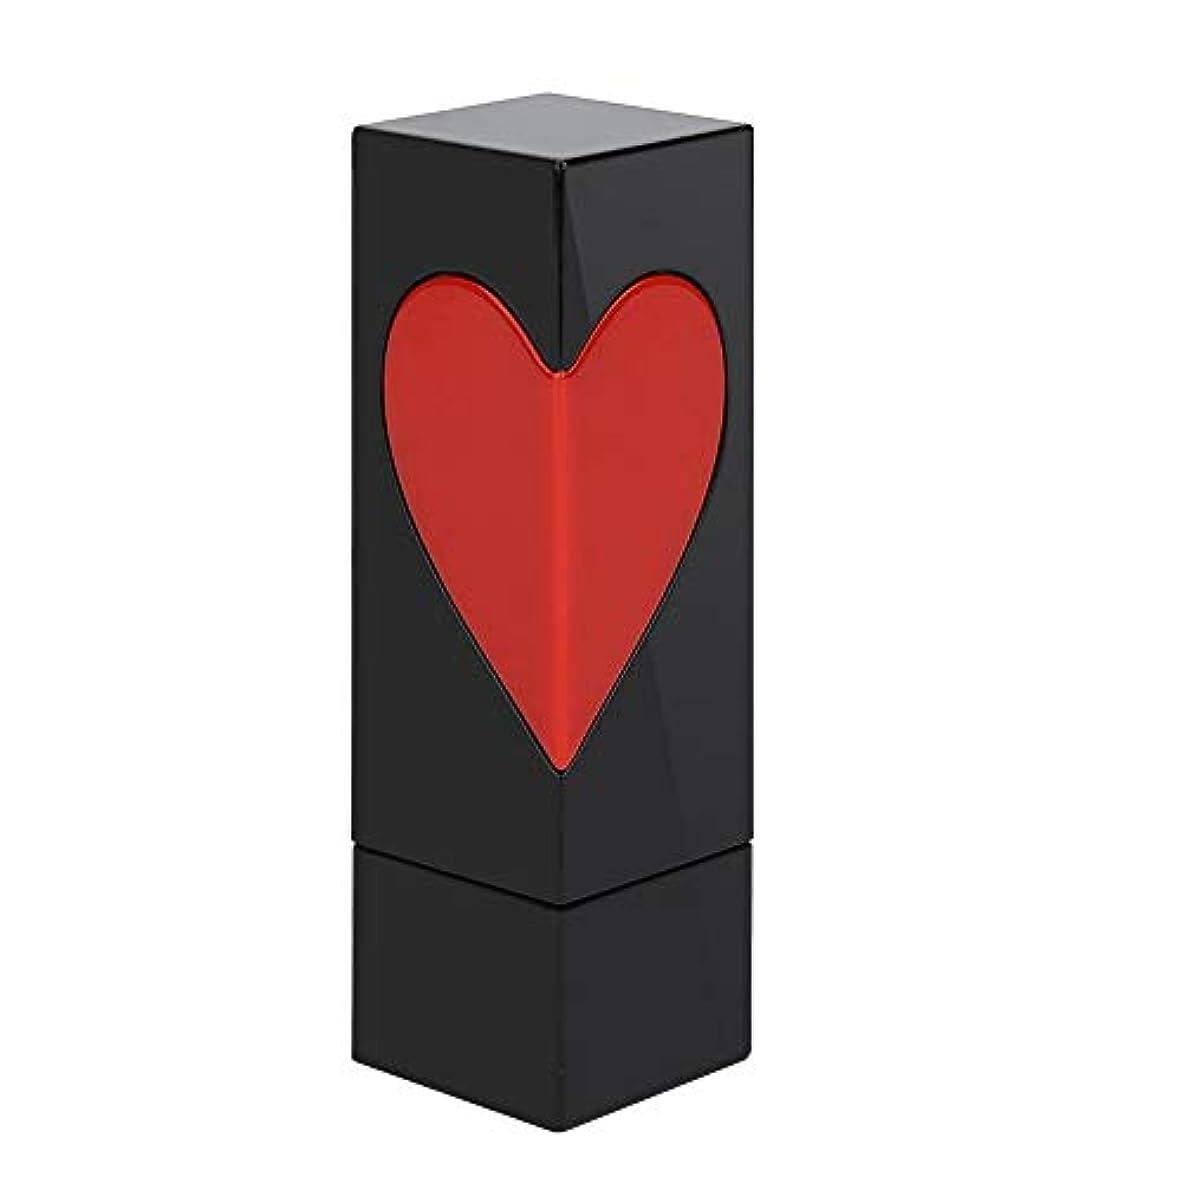 罪人土器密度Semmeの空の口紅の管、愛の心の空のDIYの口紅の容器の自作の口紅型のリップ?クリームの管(シングルoppバッグ)